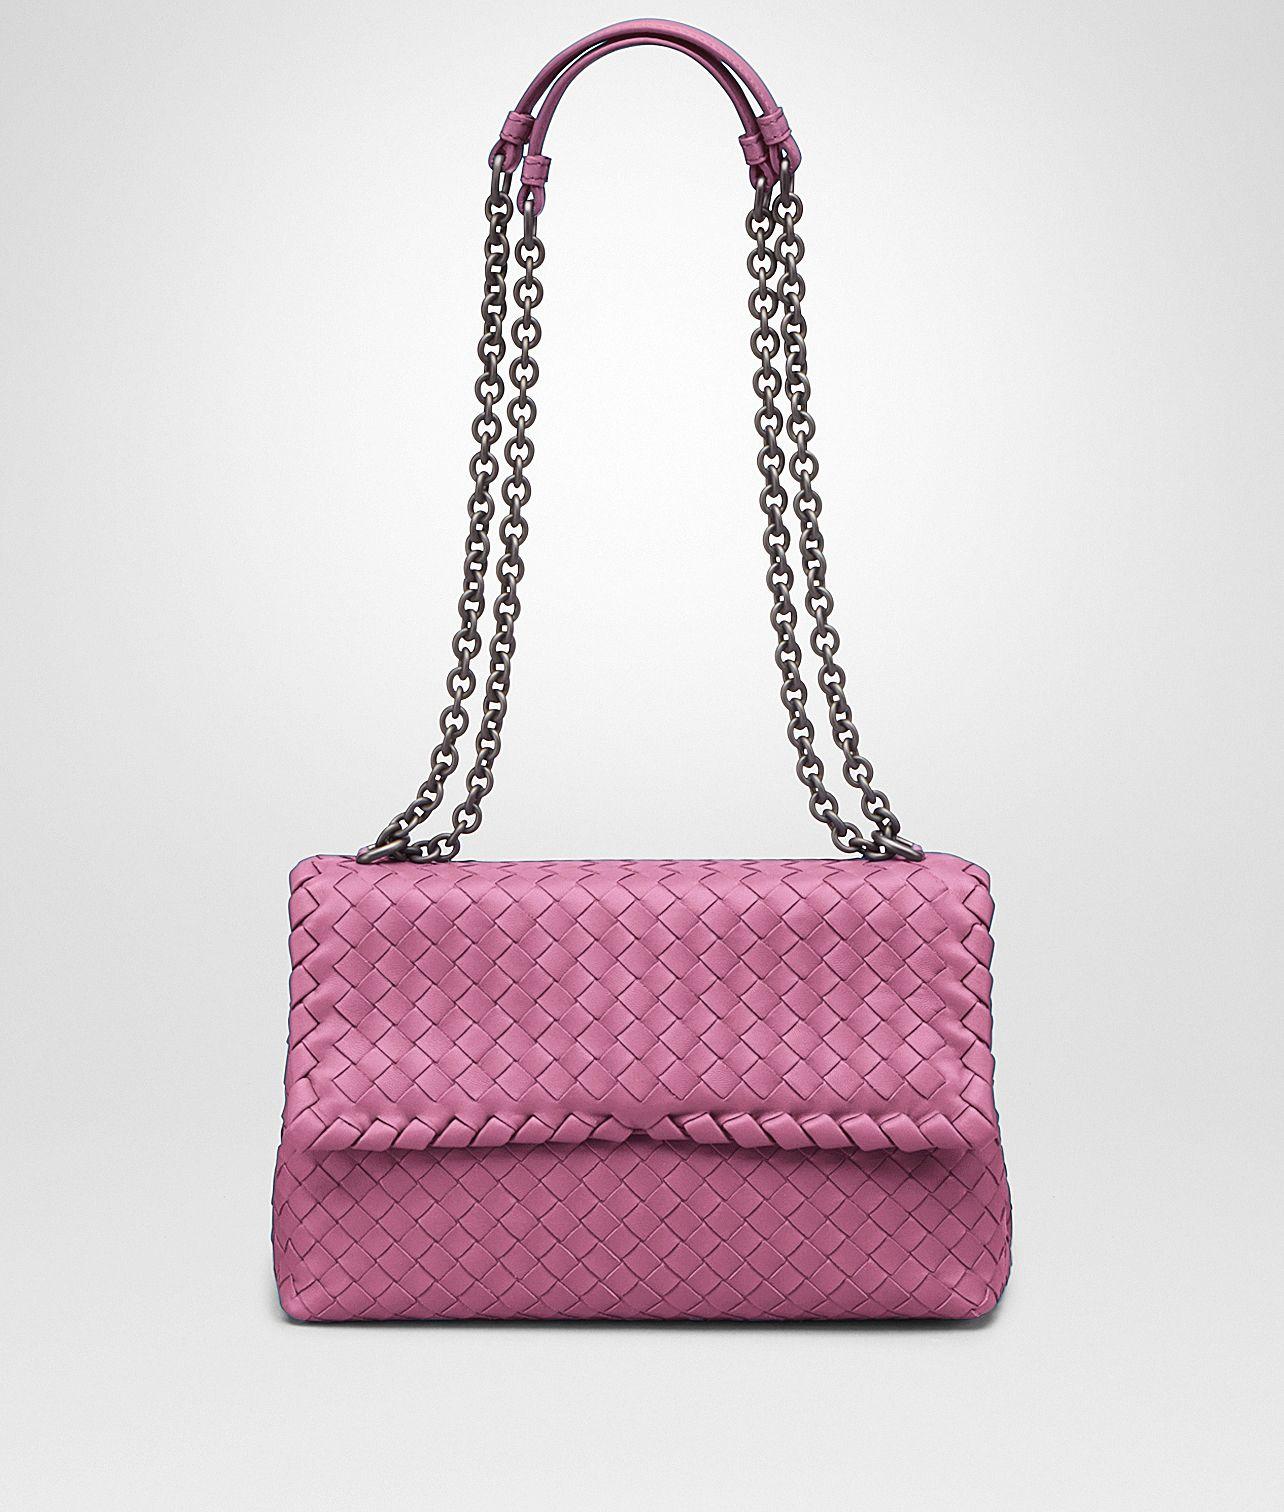 a994add296 Bottega Veneta® - SMALL OLIMPIA BAG IN PEONY INTRECCIATO NAPPA ...